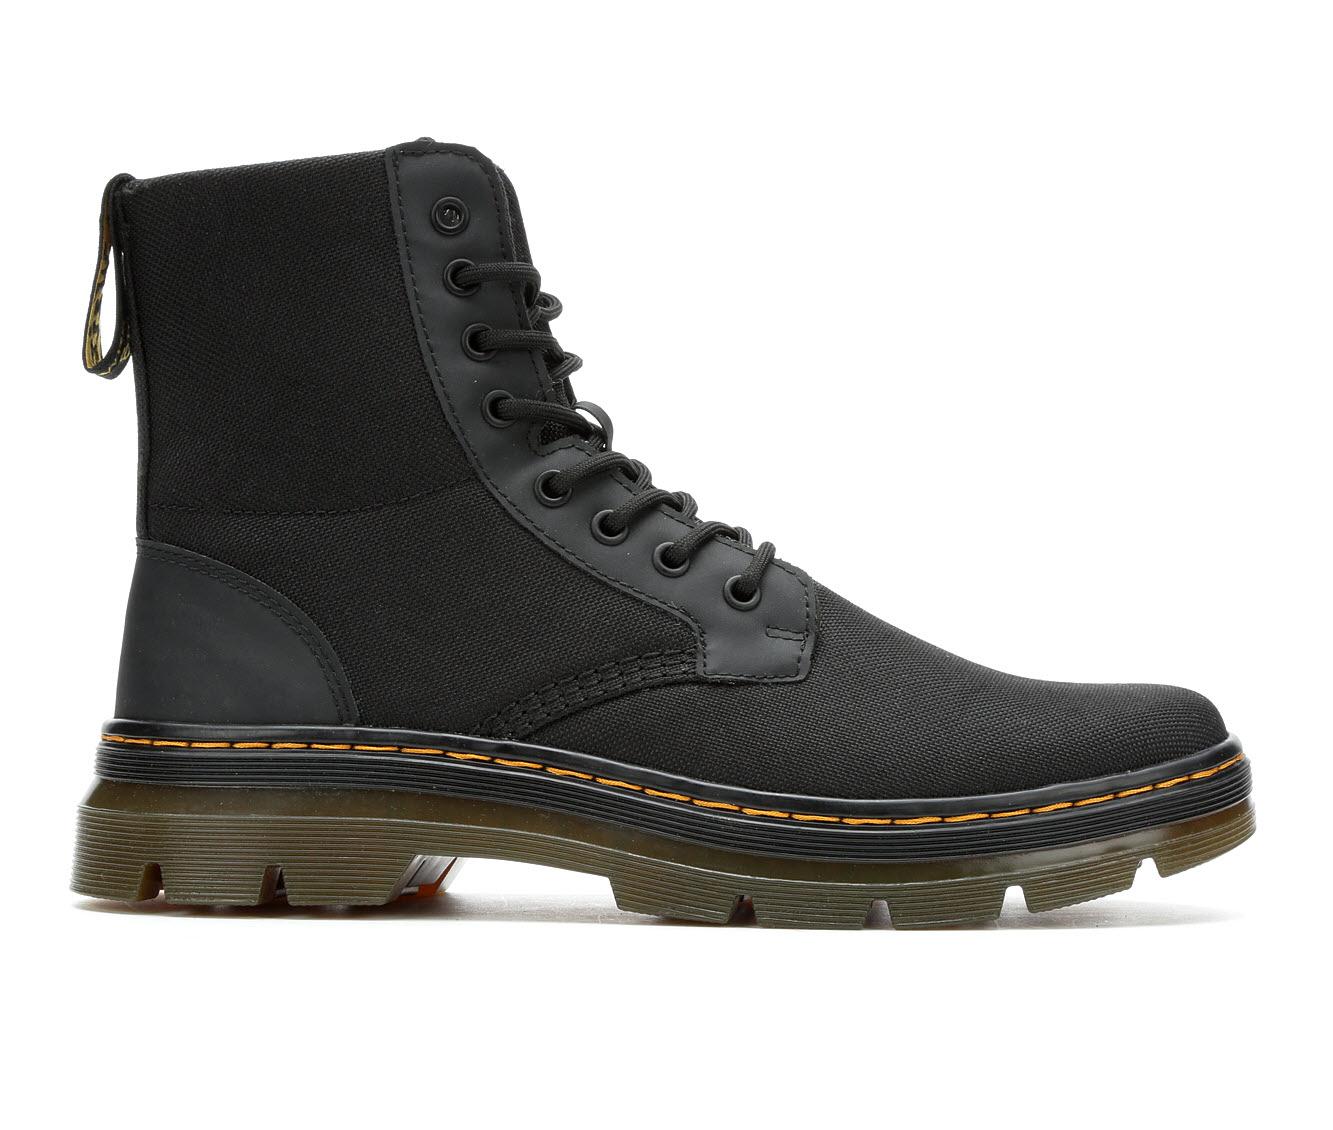 Dr. Martens Combs Men's Boots (Black)